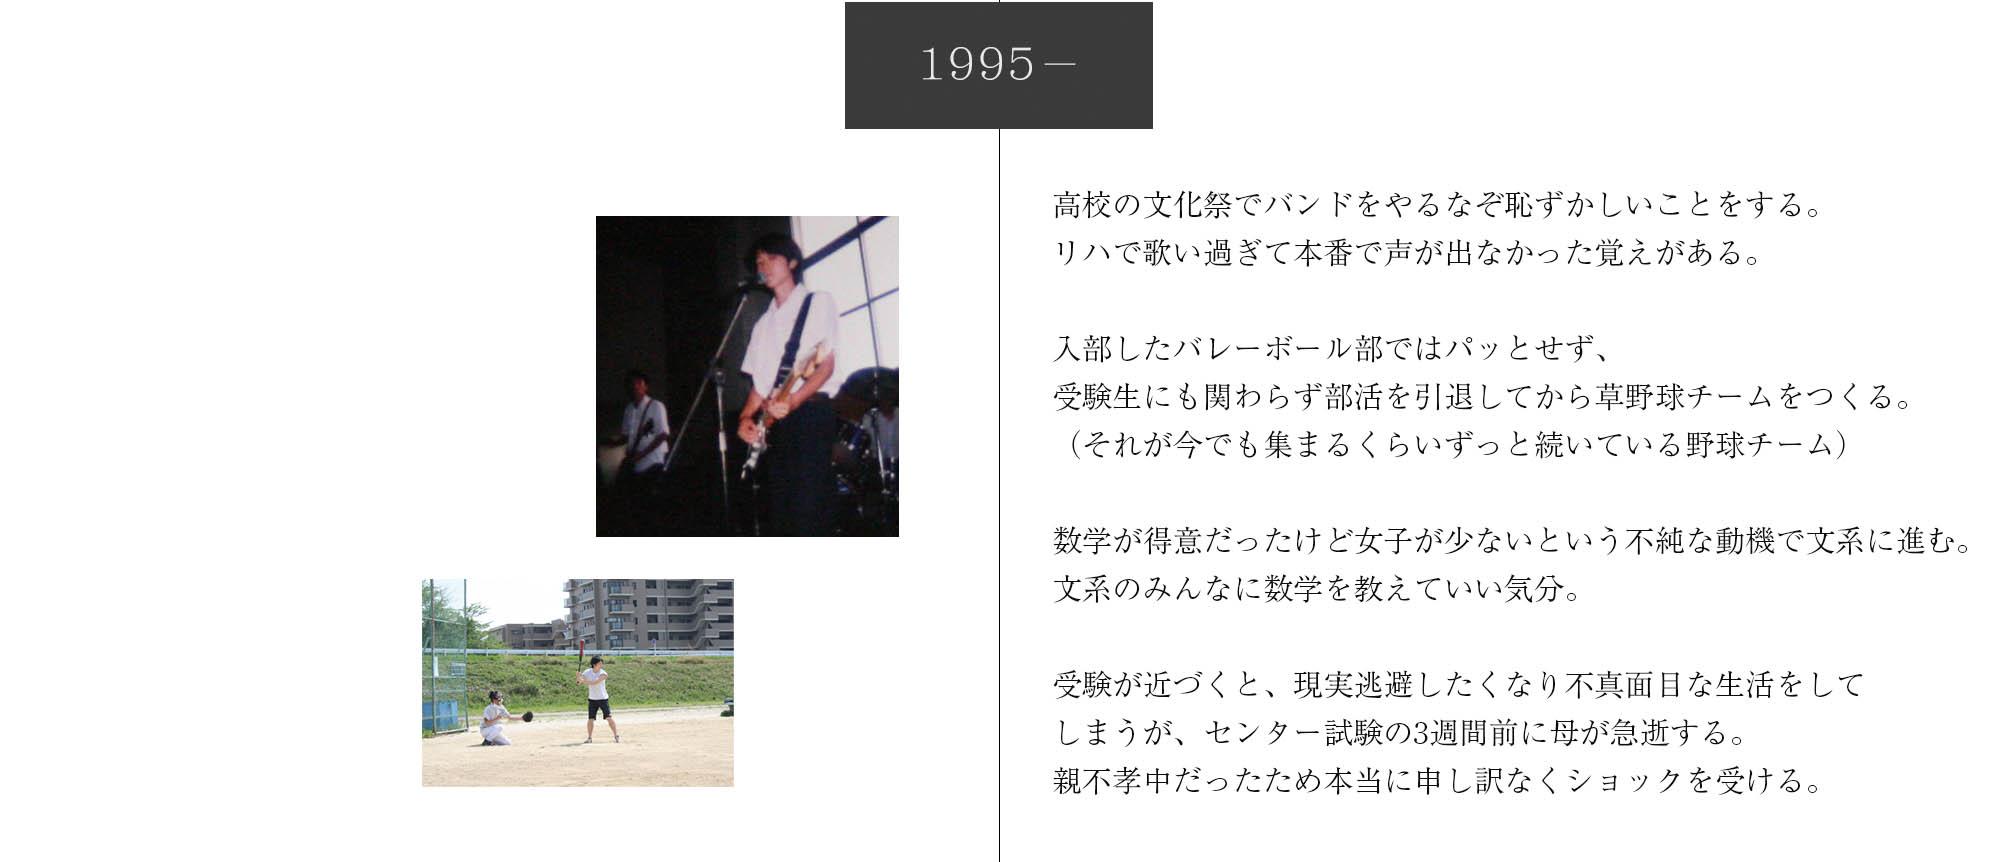 20131228_佐治秀保史_03